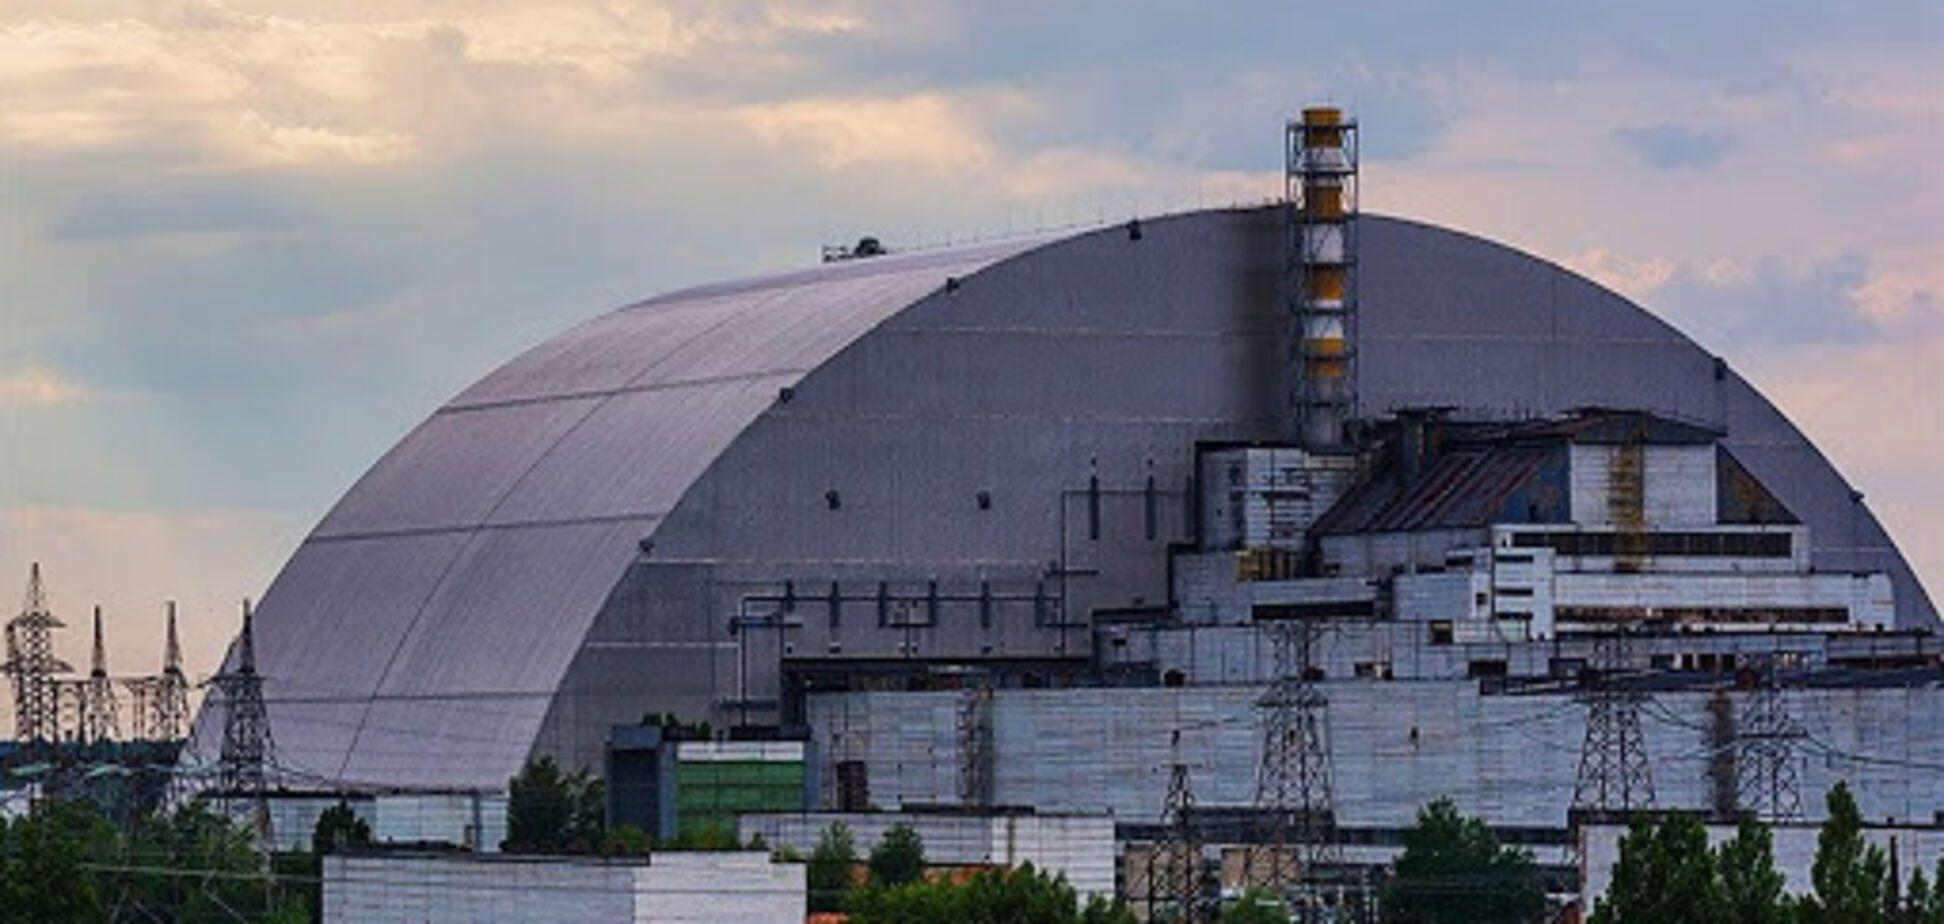 Для будівництва укриття на ЧАЕС було використано 30 тисяч тонн металоконструкцій